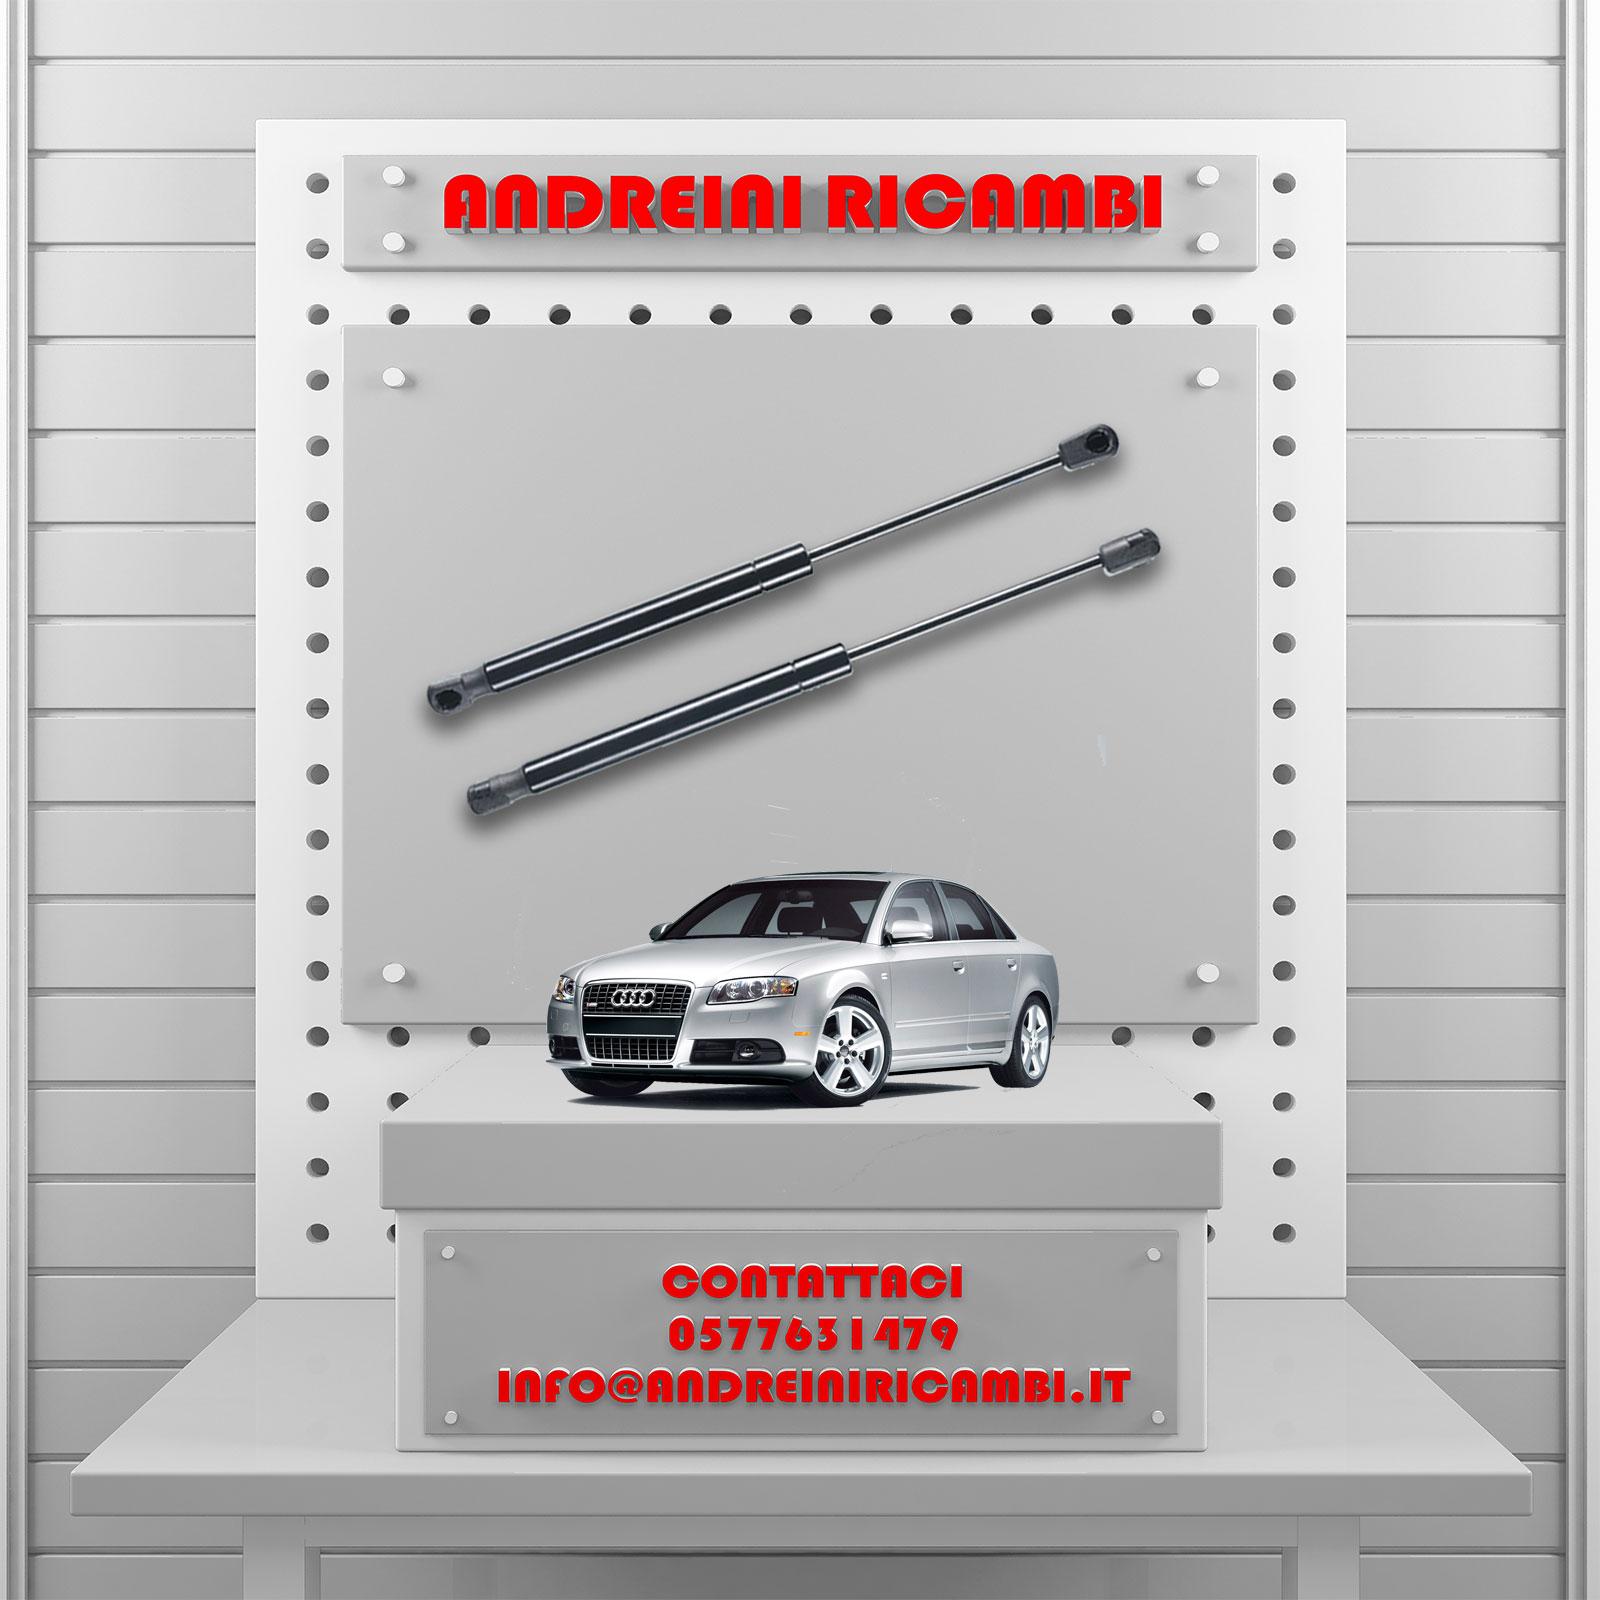 2 MOLLE A GAS BAGAGLIAIO AUDI A4 8EC 2.0 TDI 103KW 140CV 2006MG02112